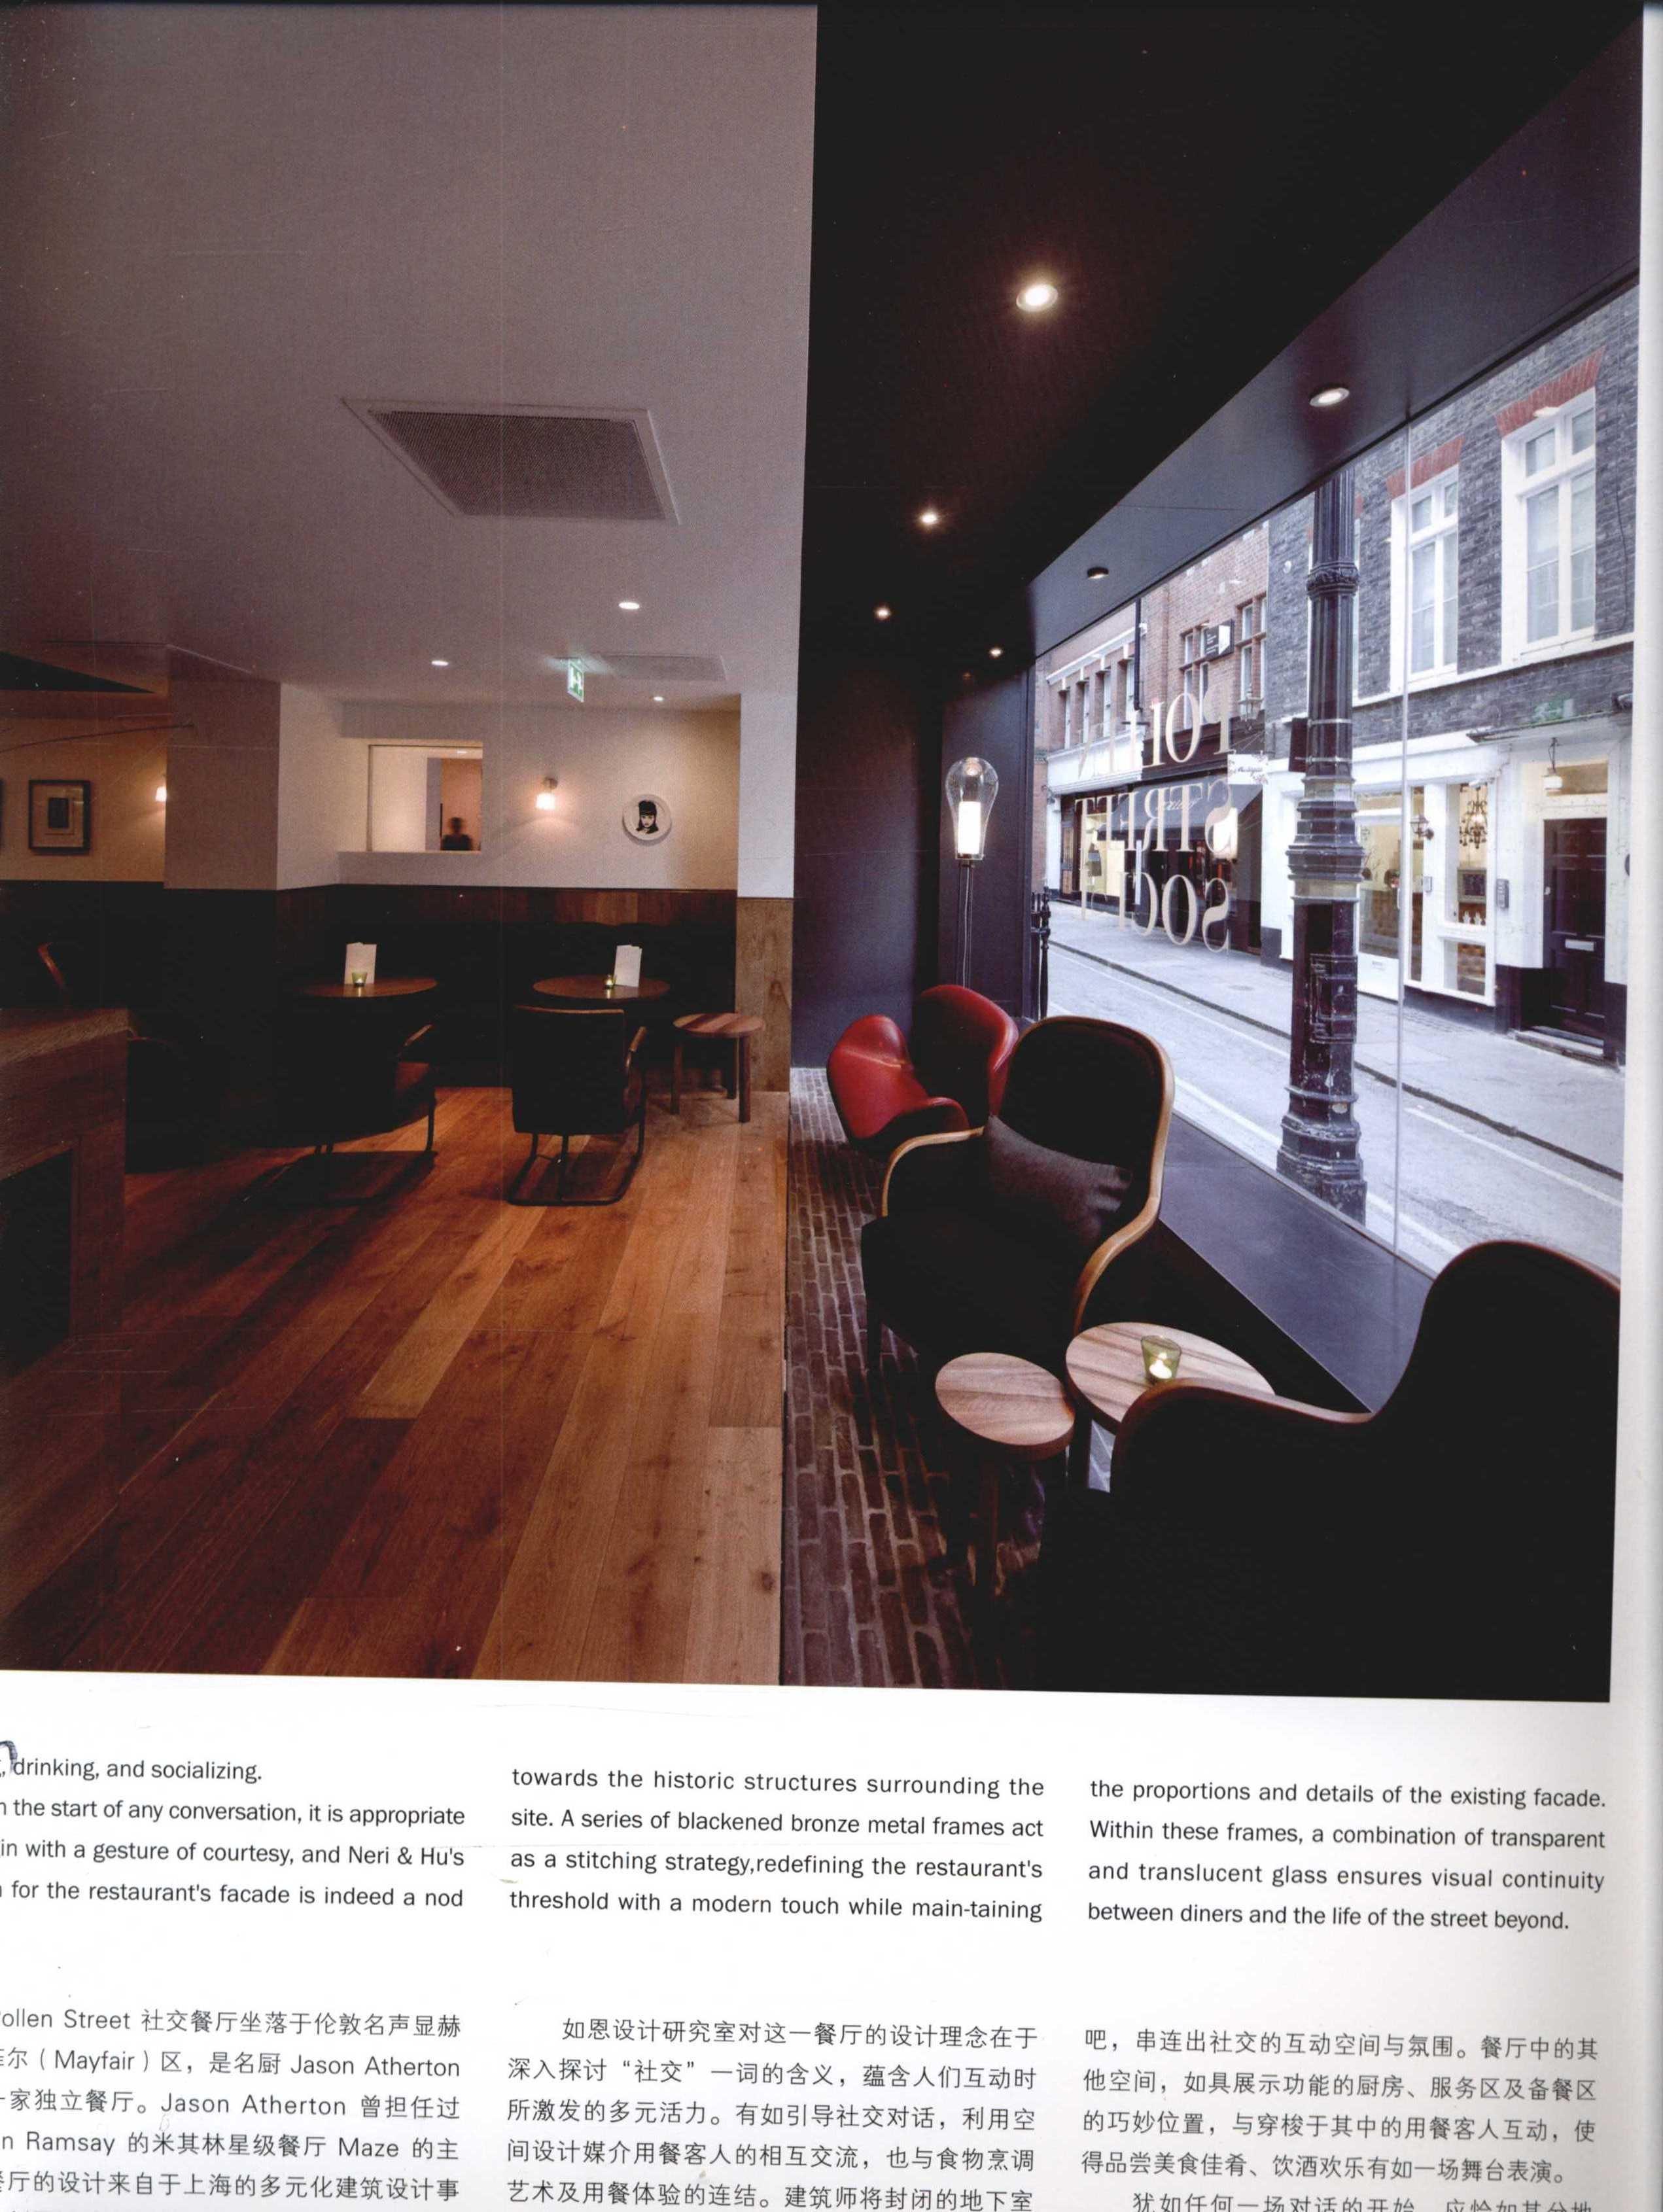 2012全球室内设计年鉴  餐饮_Page_282.jpg